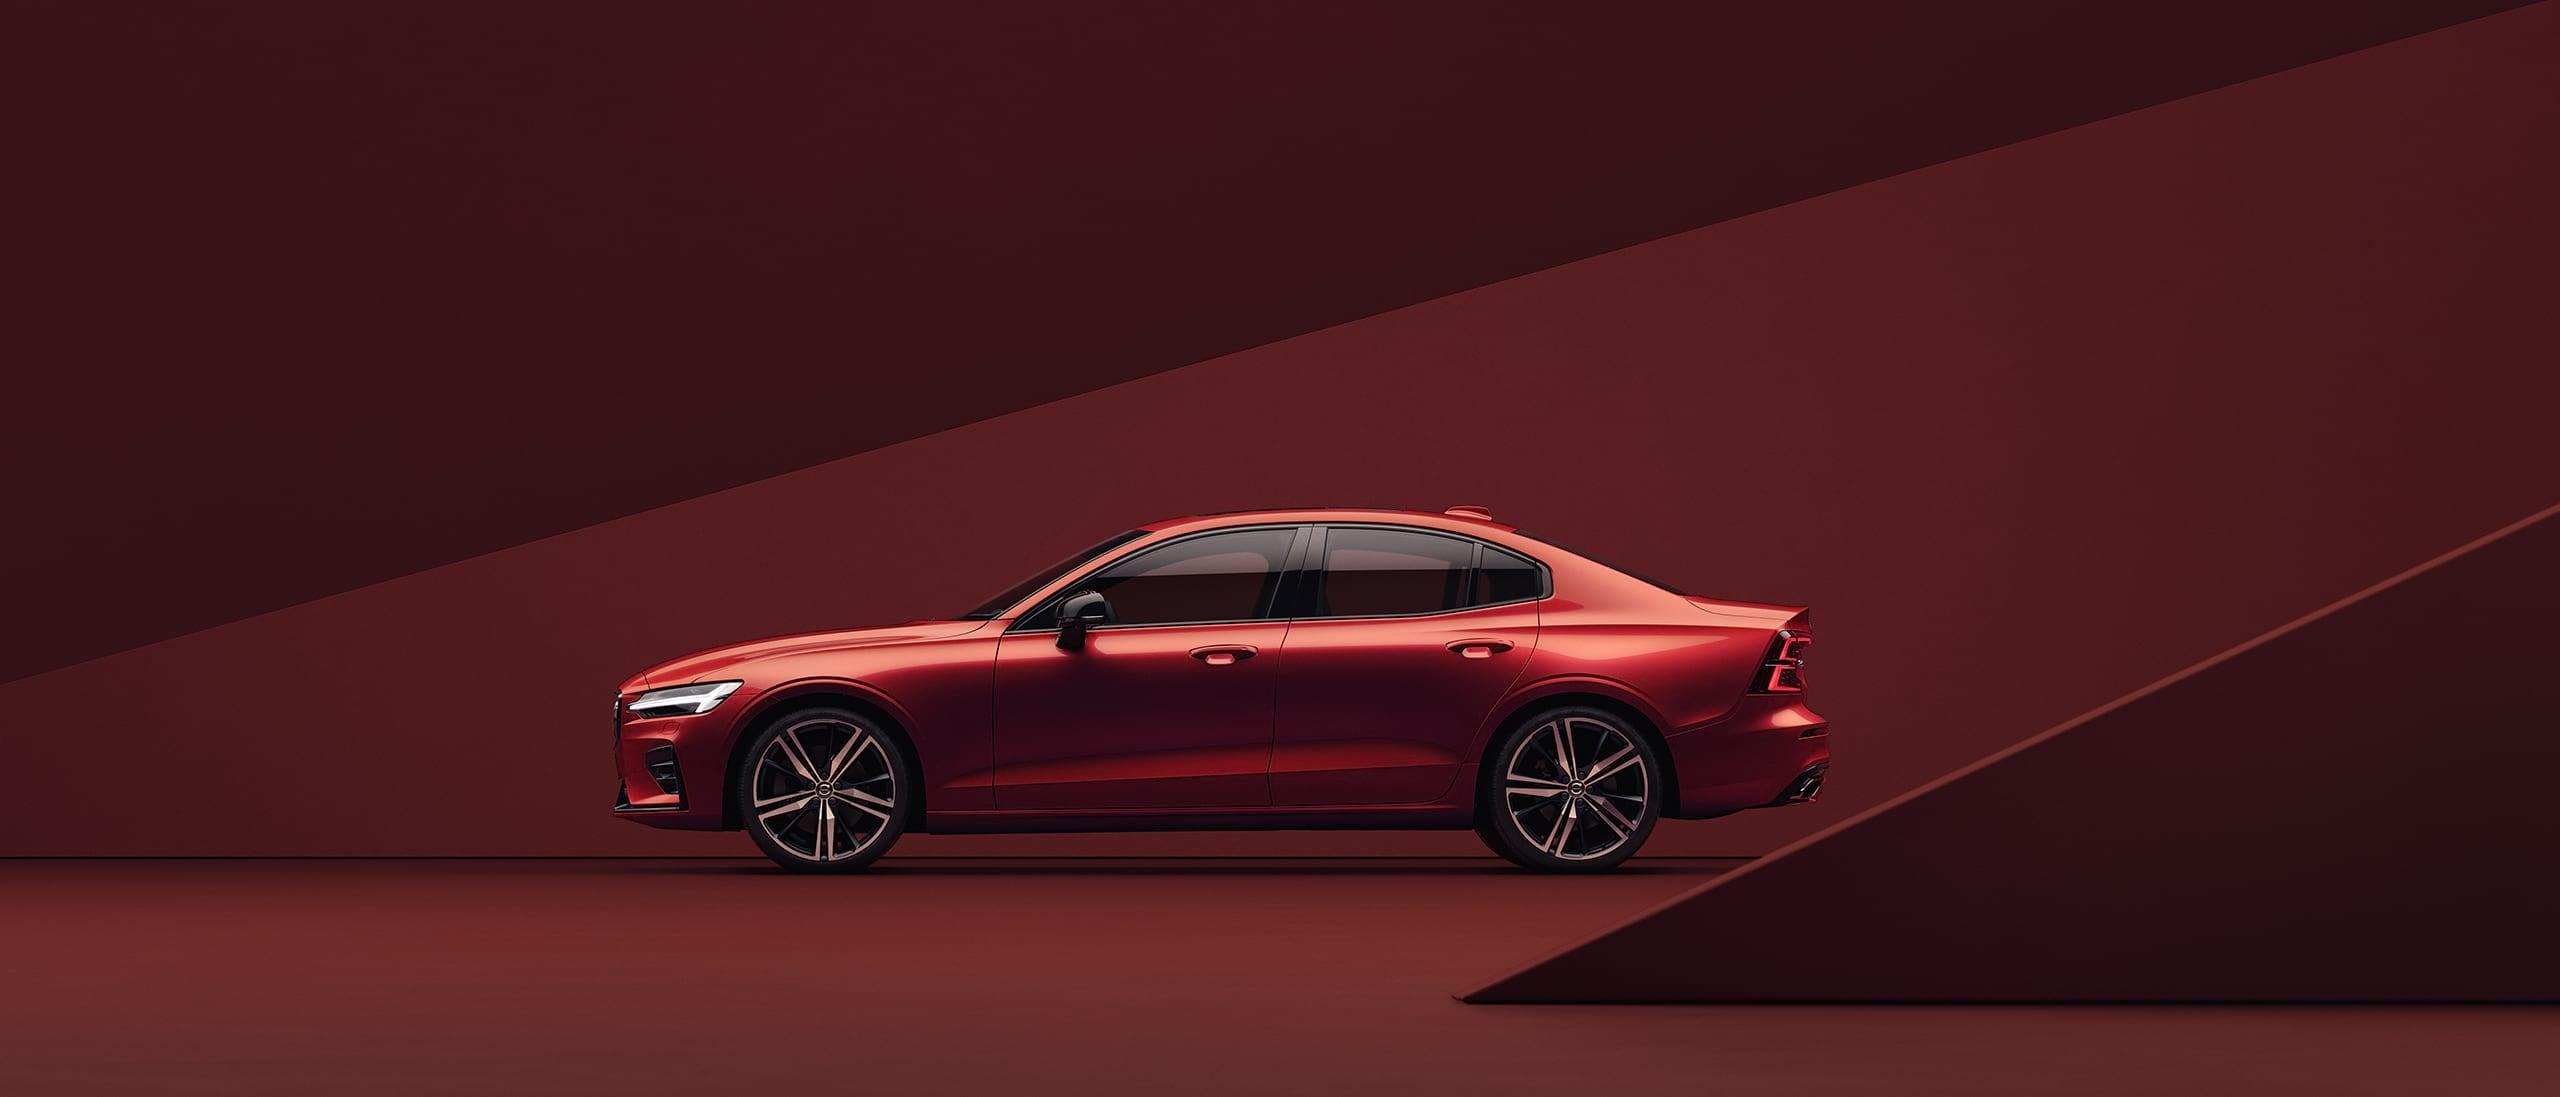 Červené Volvo S60 zaparkované v červeném prostředí.